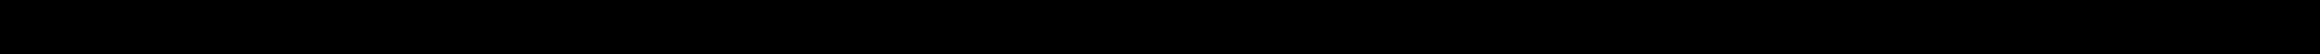 NGK BY482-BKR6E, MZ 602 075, LL1, LPG1, LPG Laser Line 1 Μπουζί